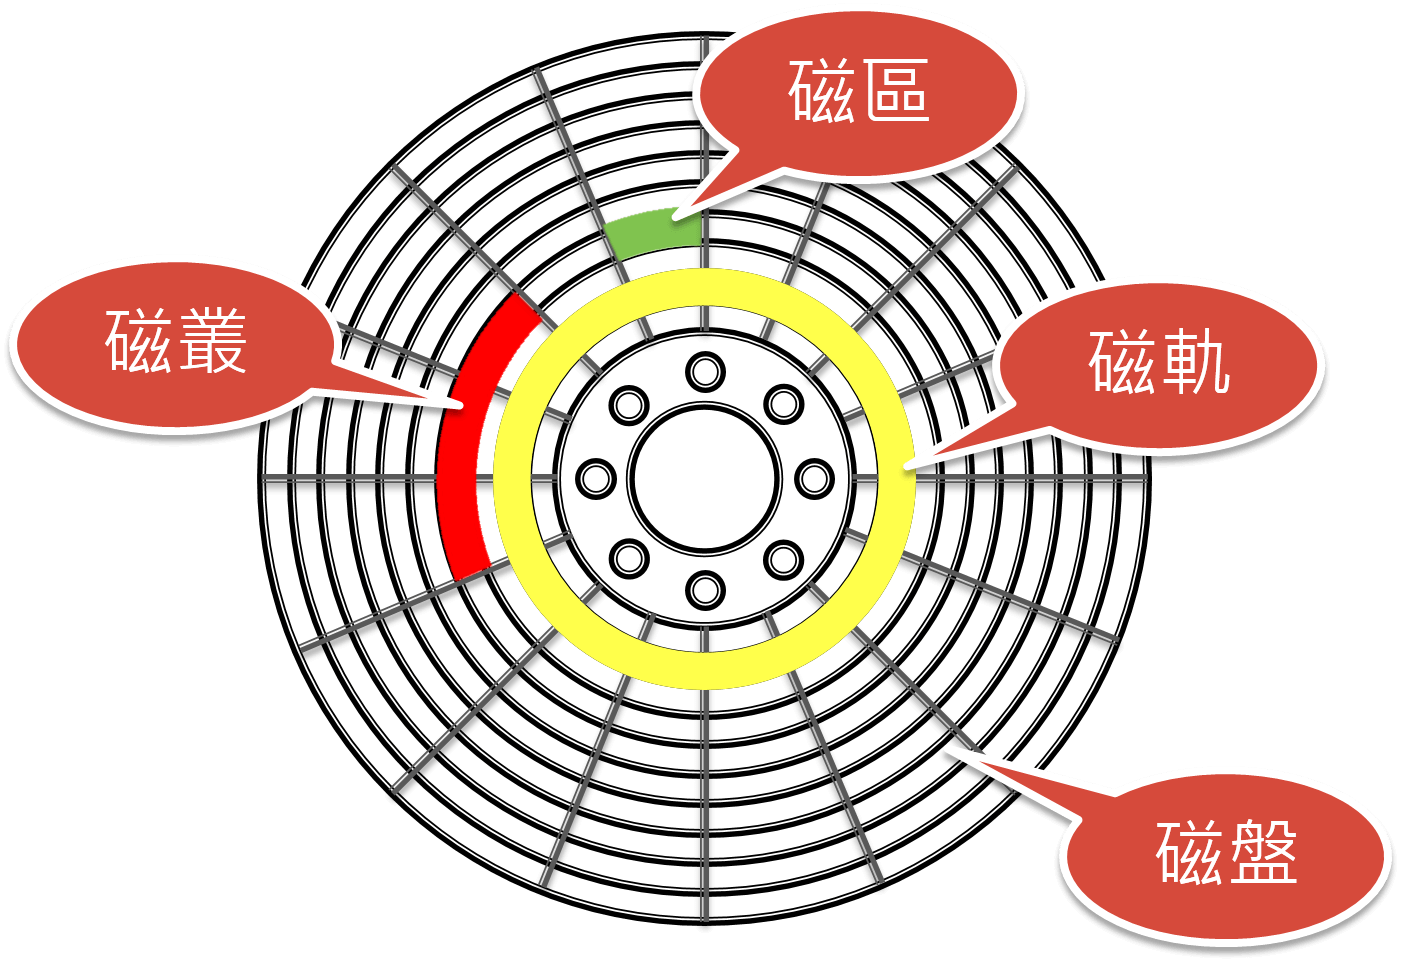 磁碟分析圖